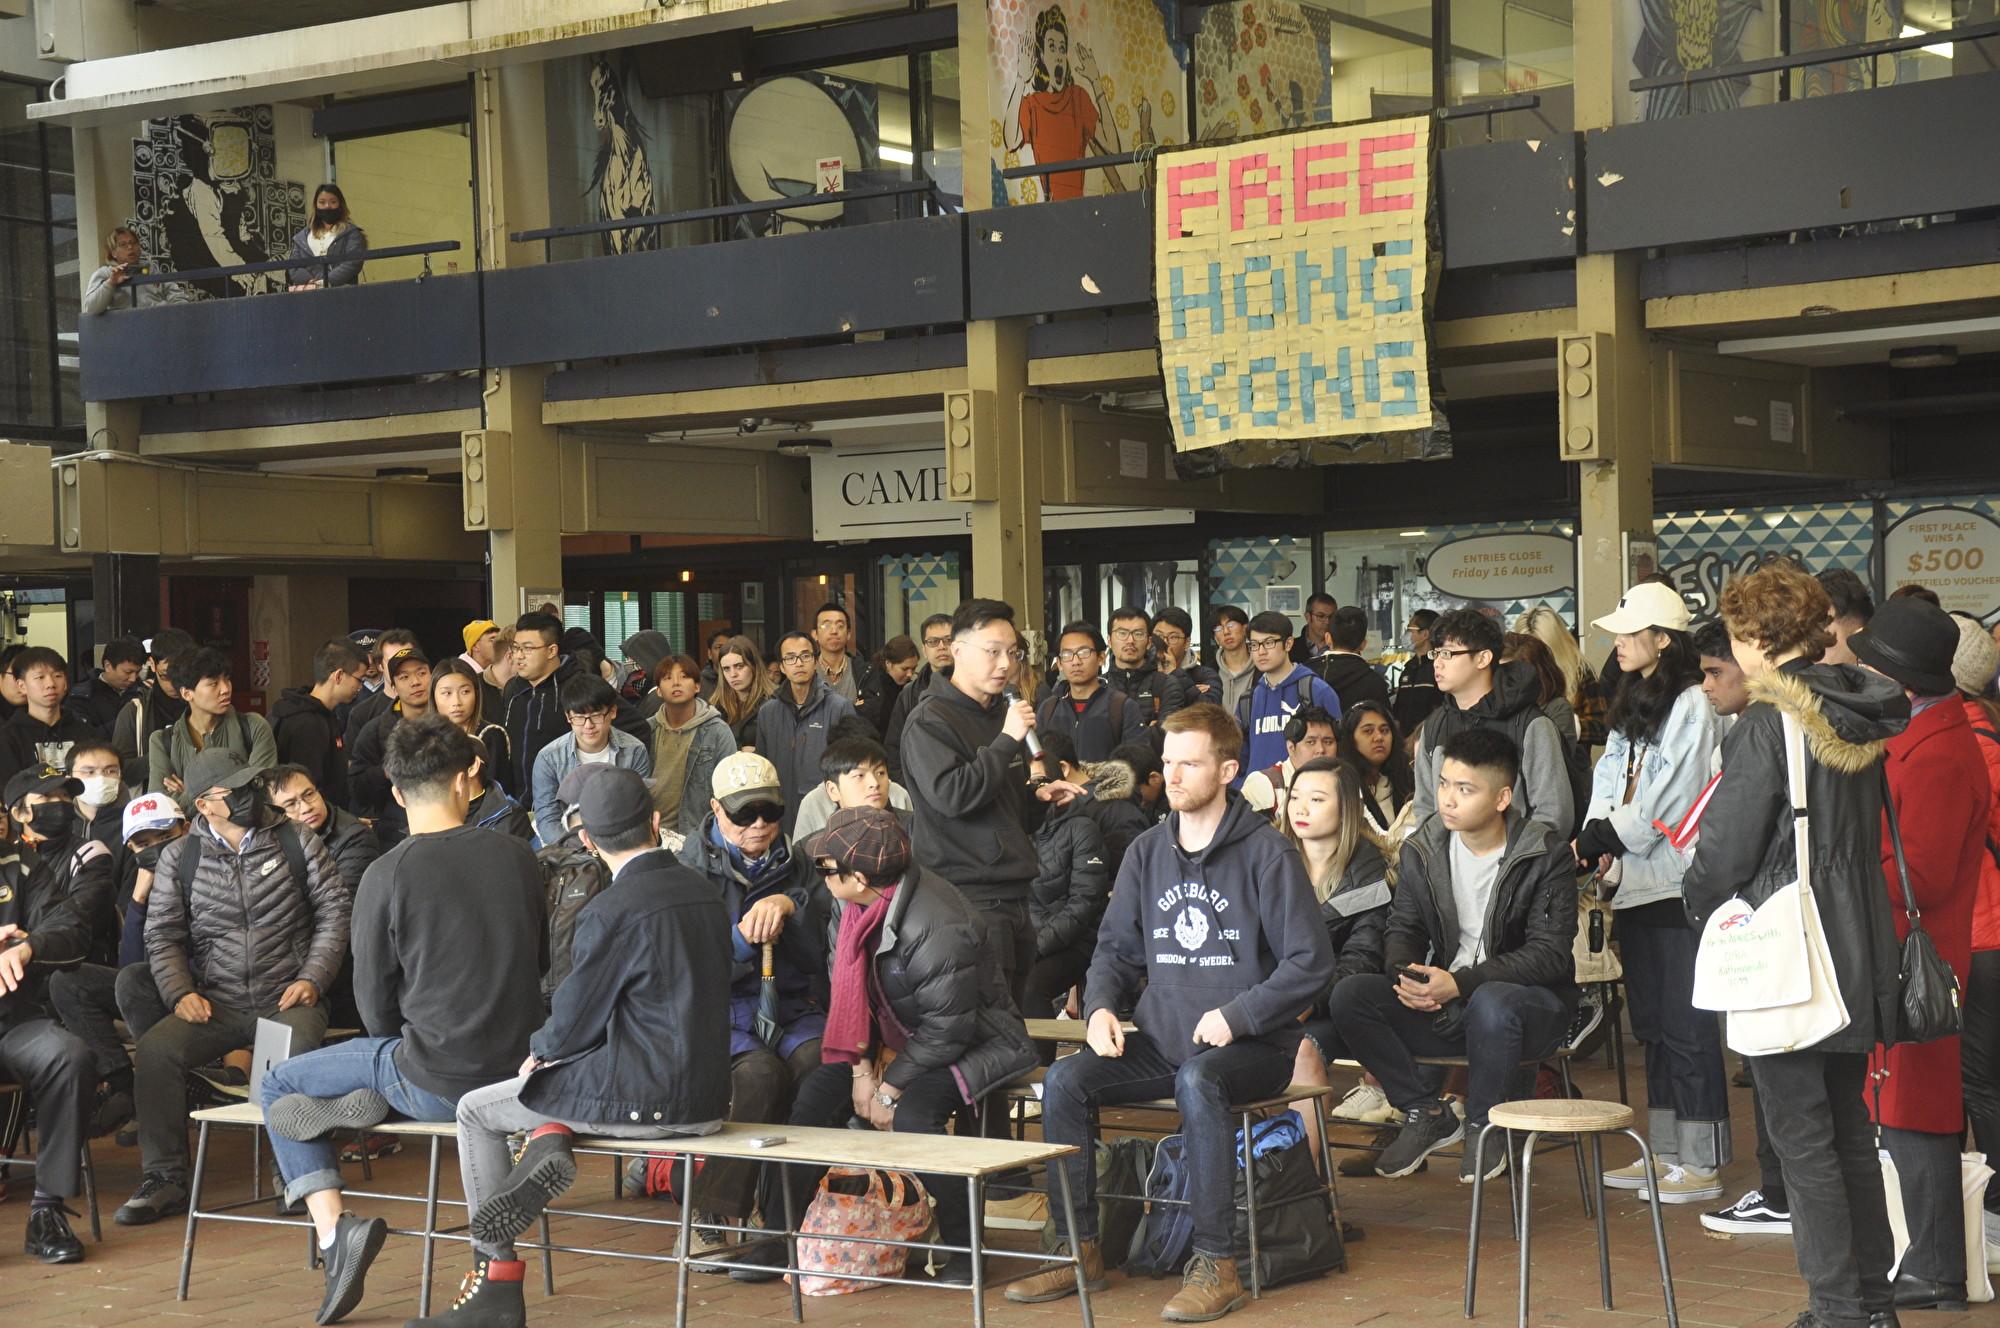 聲援反送中 紐西蘭港生集會獲各界支持